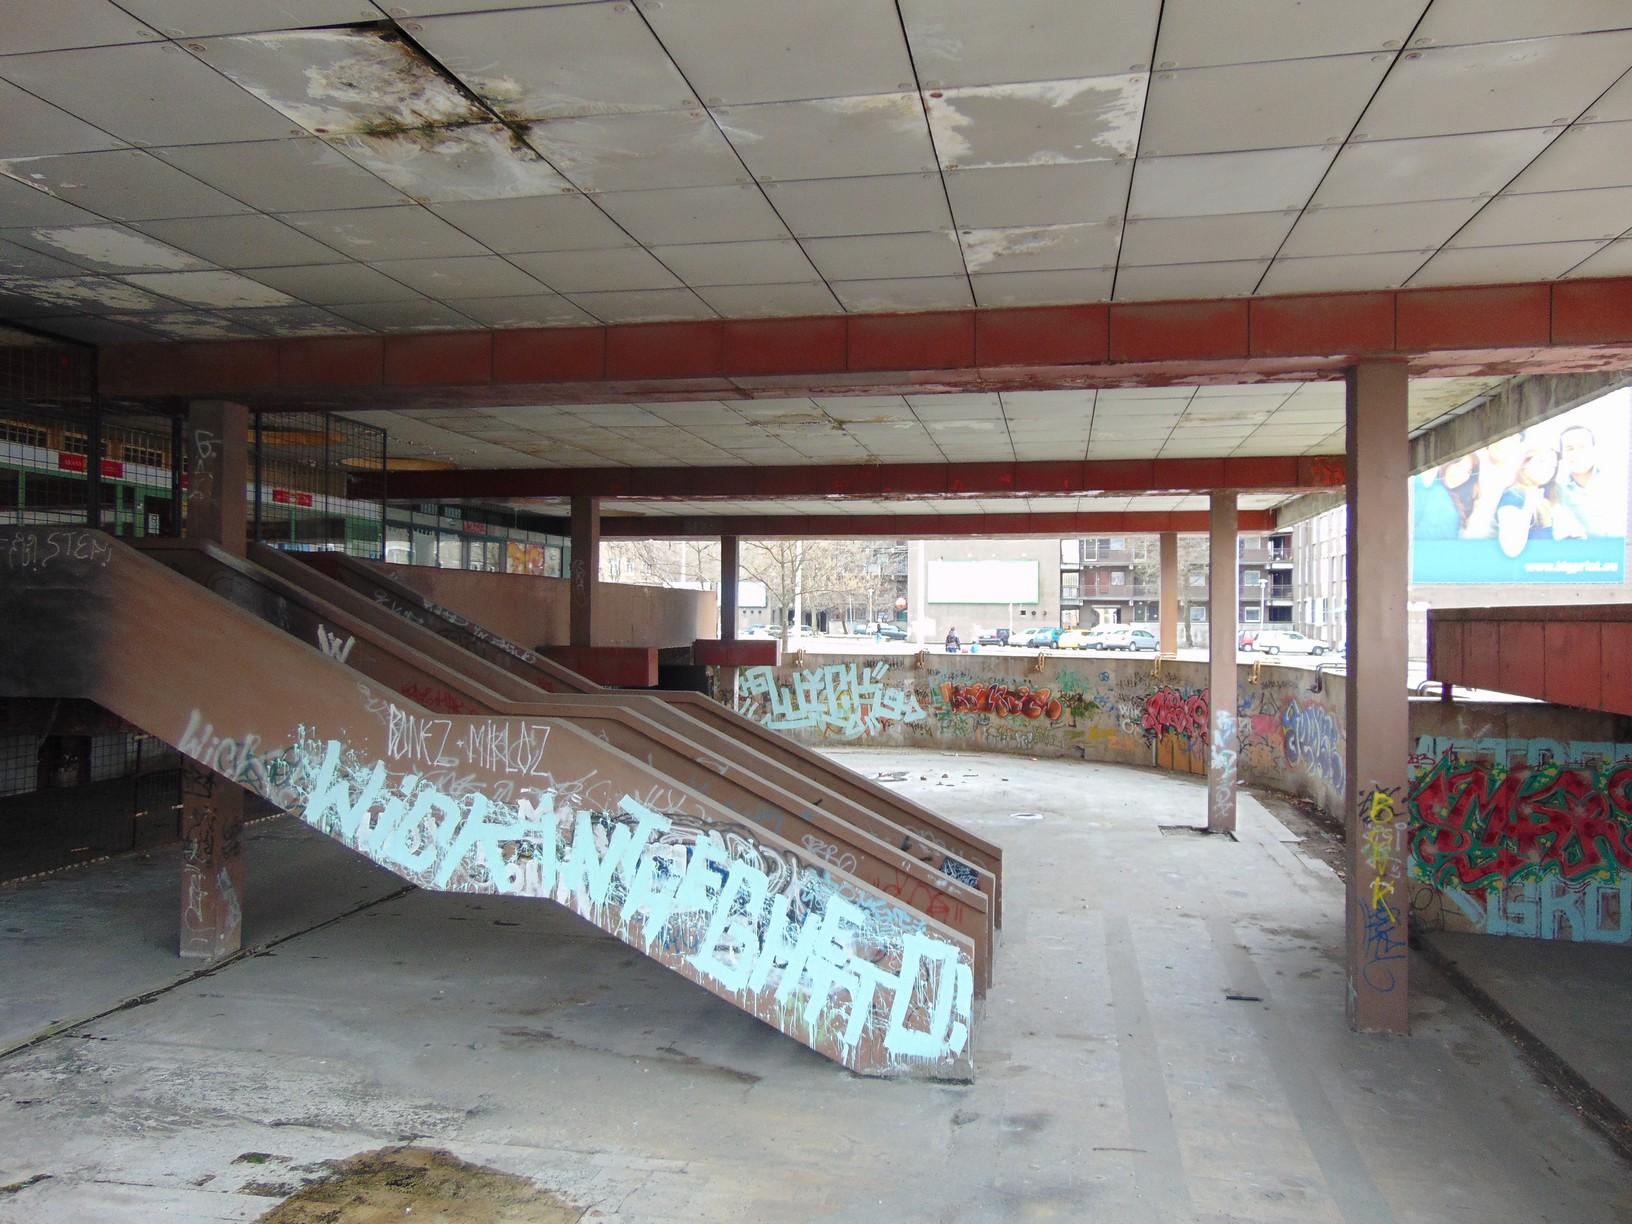 Sosemvolt metróvégállomás a 21. században